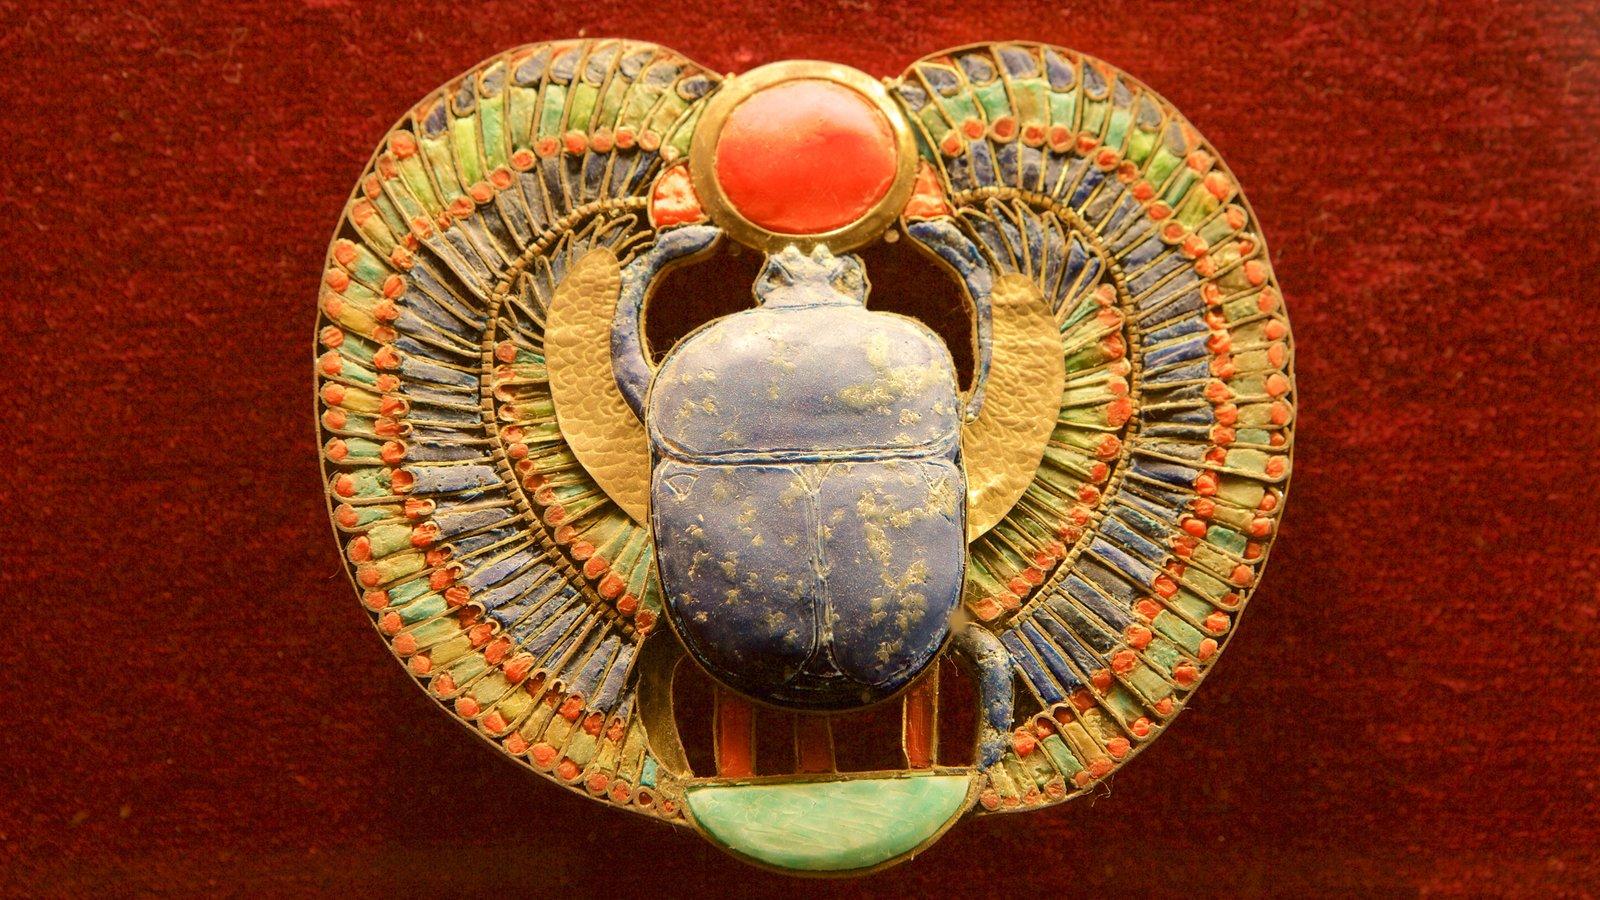 Tutankamon a exposição que inclui elementos de patrimônio e arte